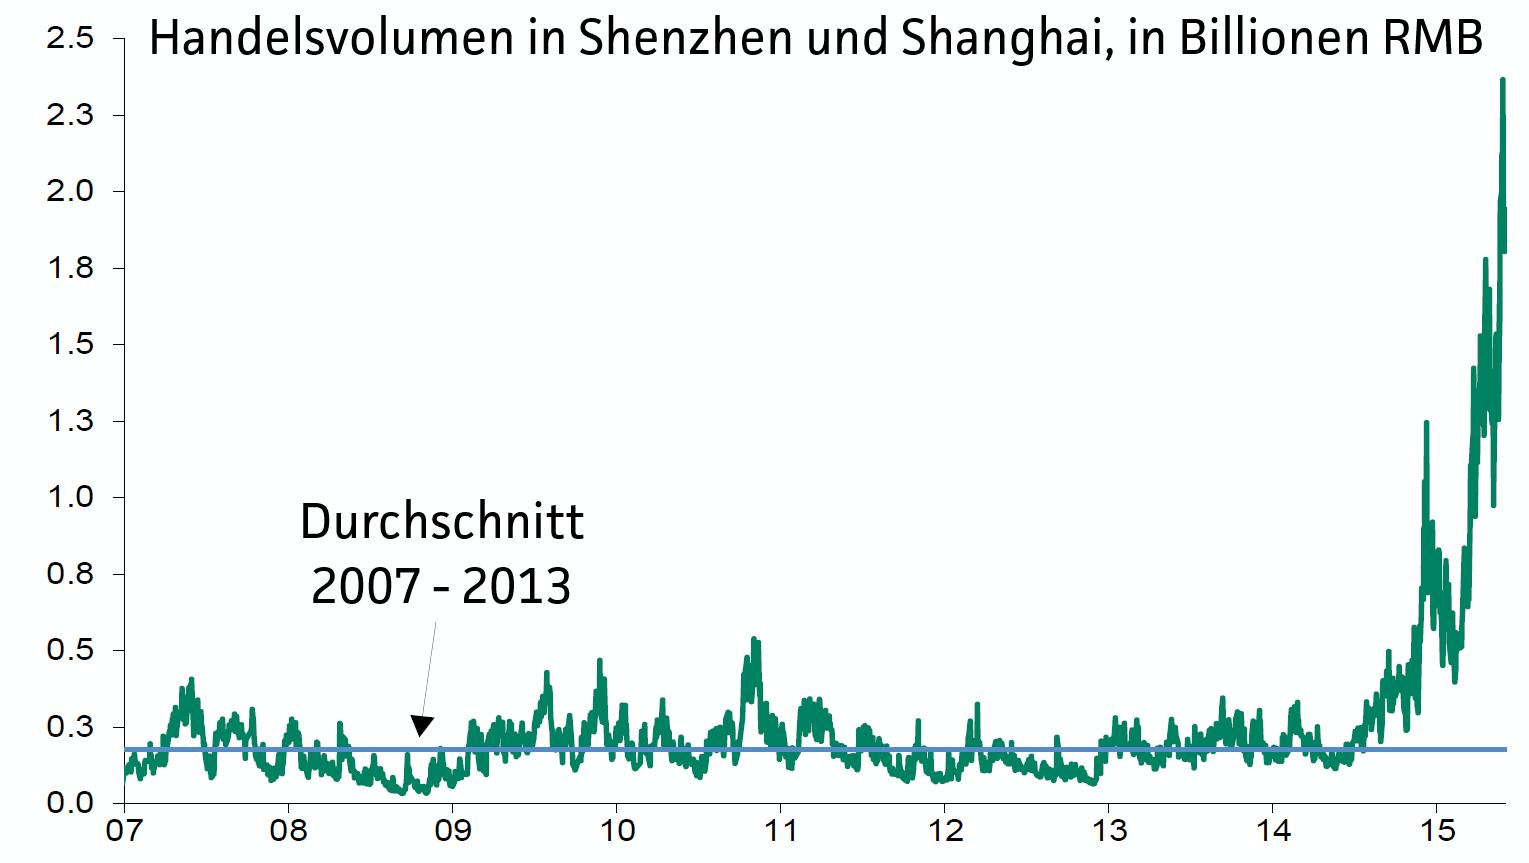 BNP-warnt-vor-Crash-an-Chinas-Börsen-Chartanalyse-Jochen-Stanzl-GodmodeTrader.de-2